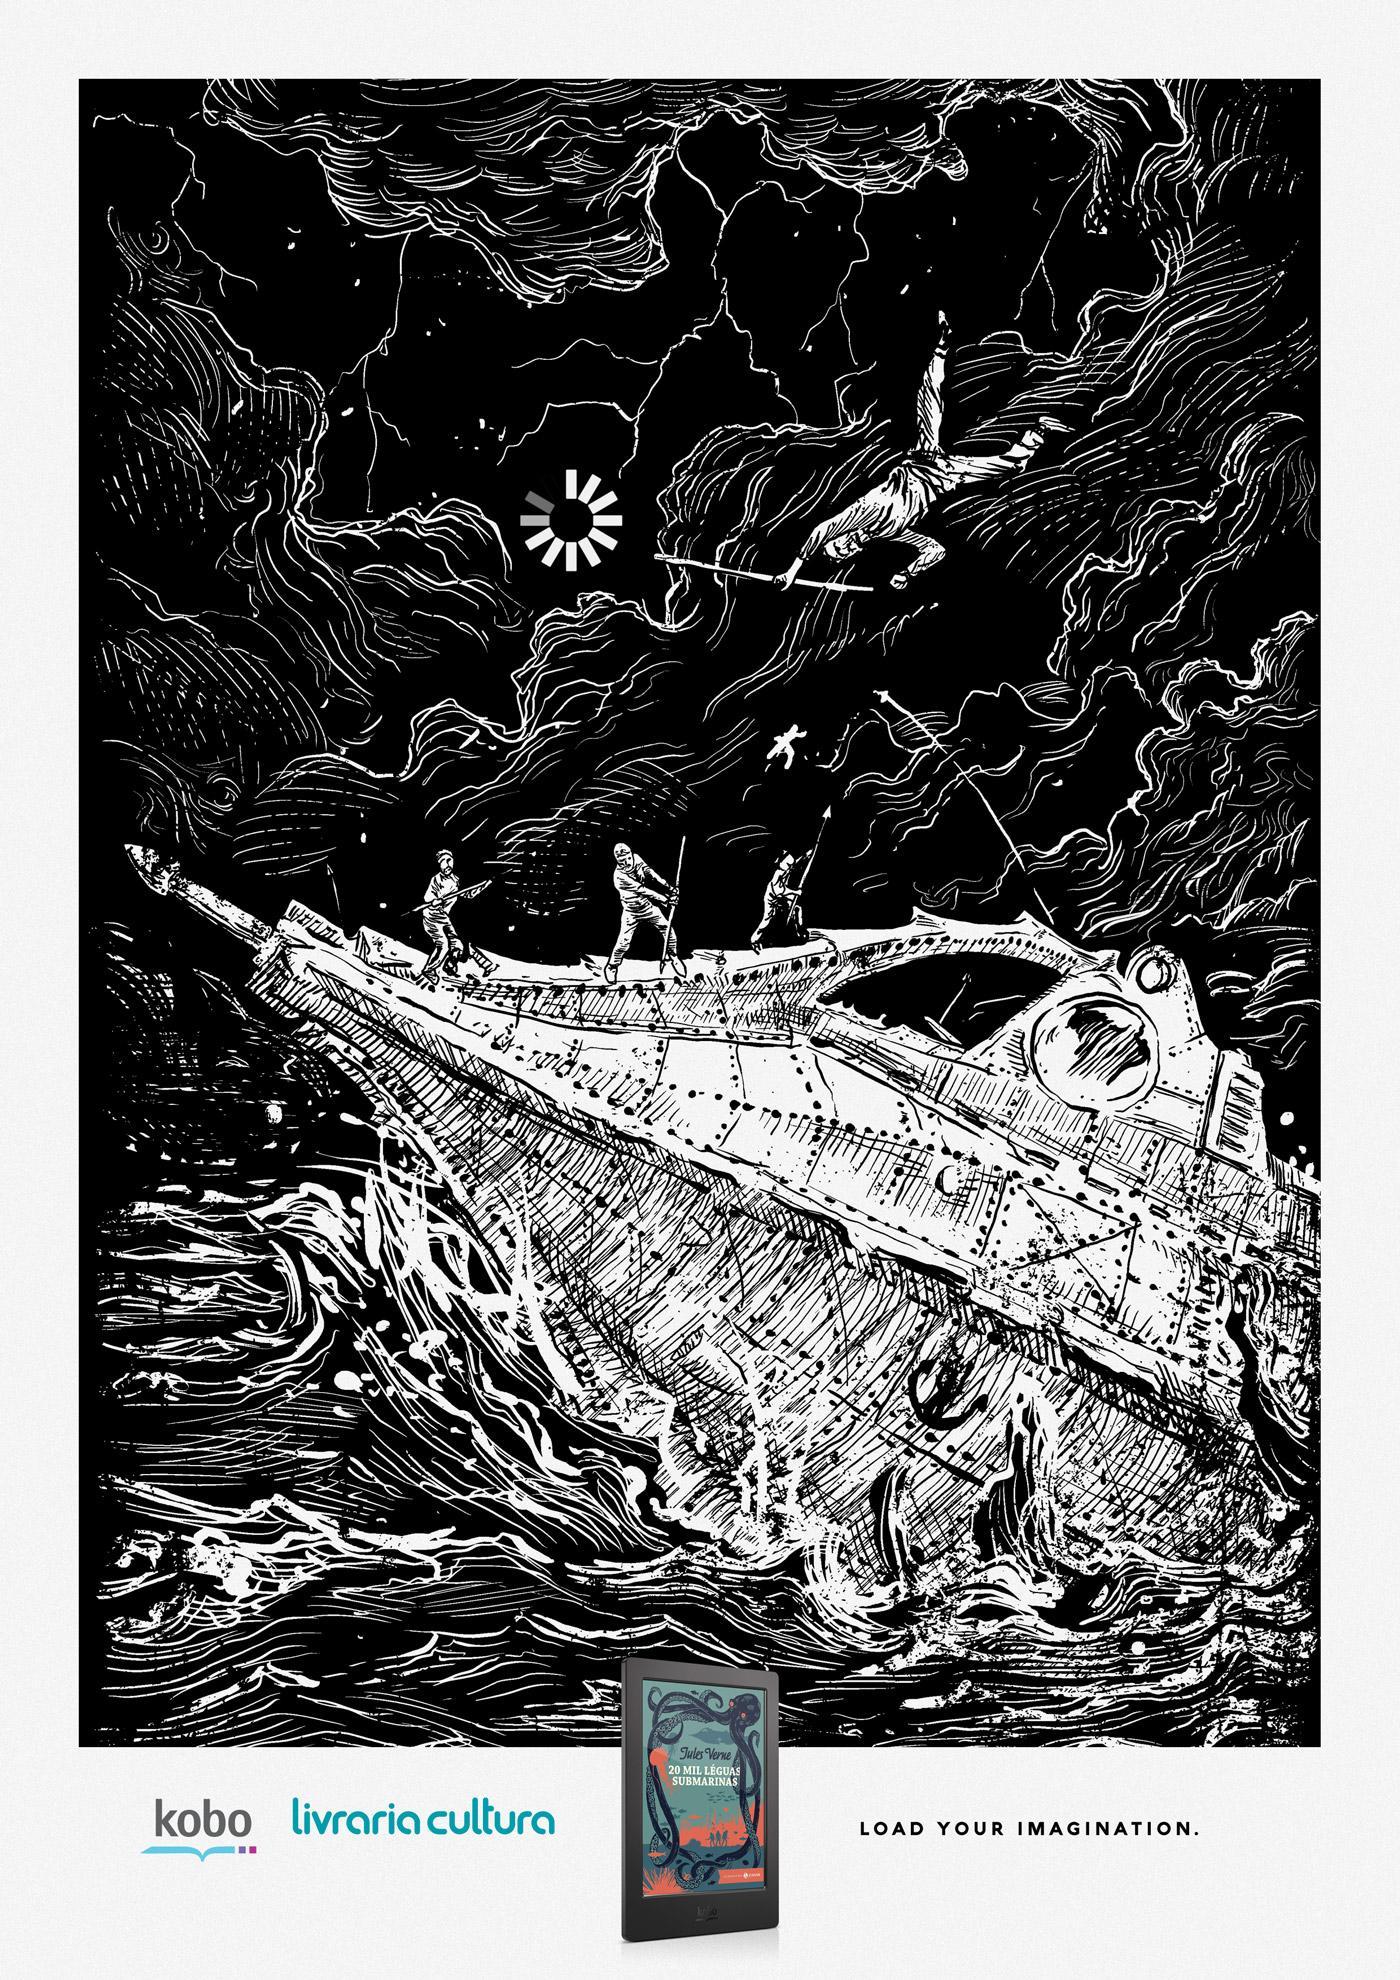 Livraria Cultura Print Ad - Load your imagination, 2